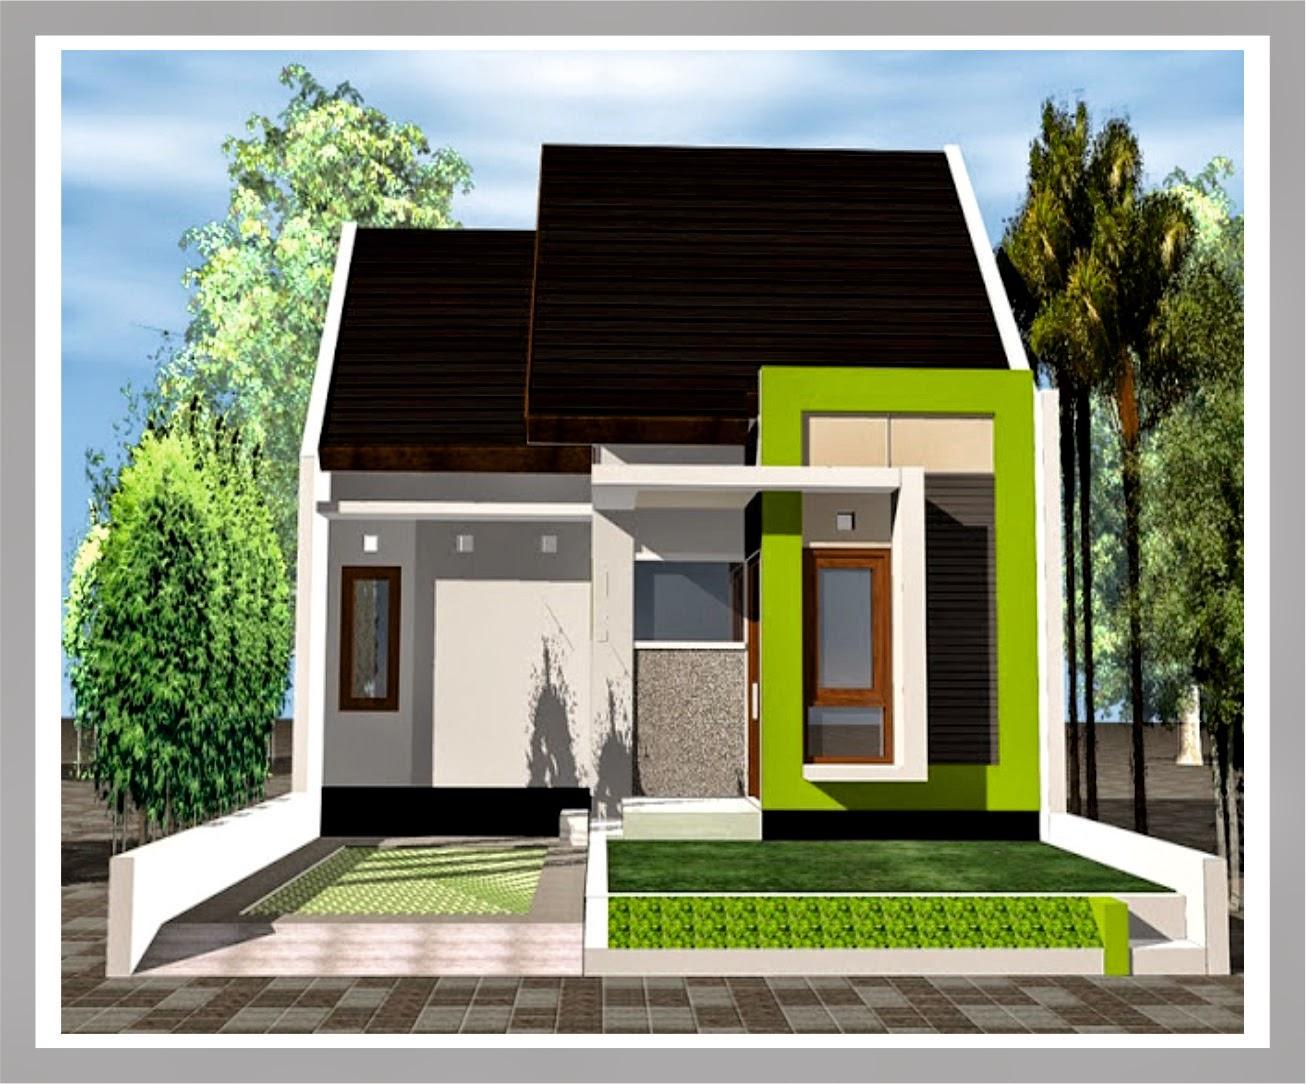 Pintu Rumah Warna Putih Warna Cat Rumah Minimalis Tampak Gifep